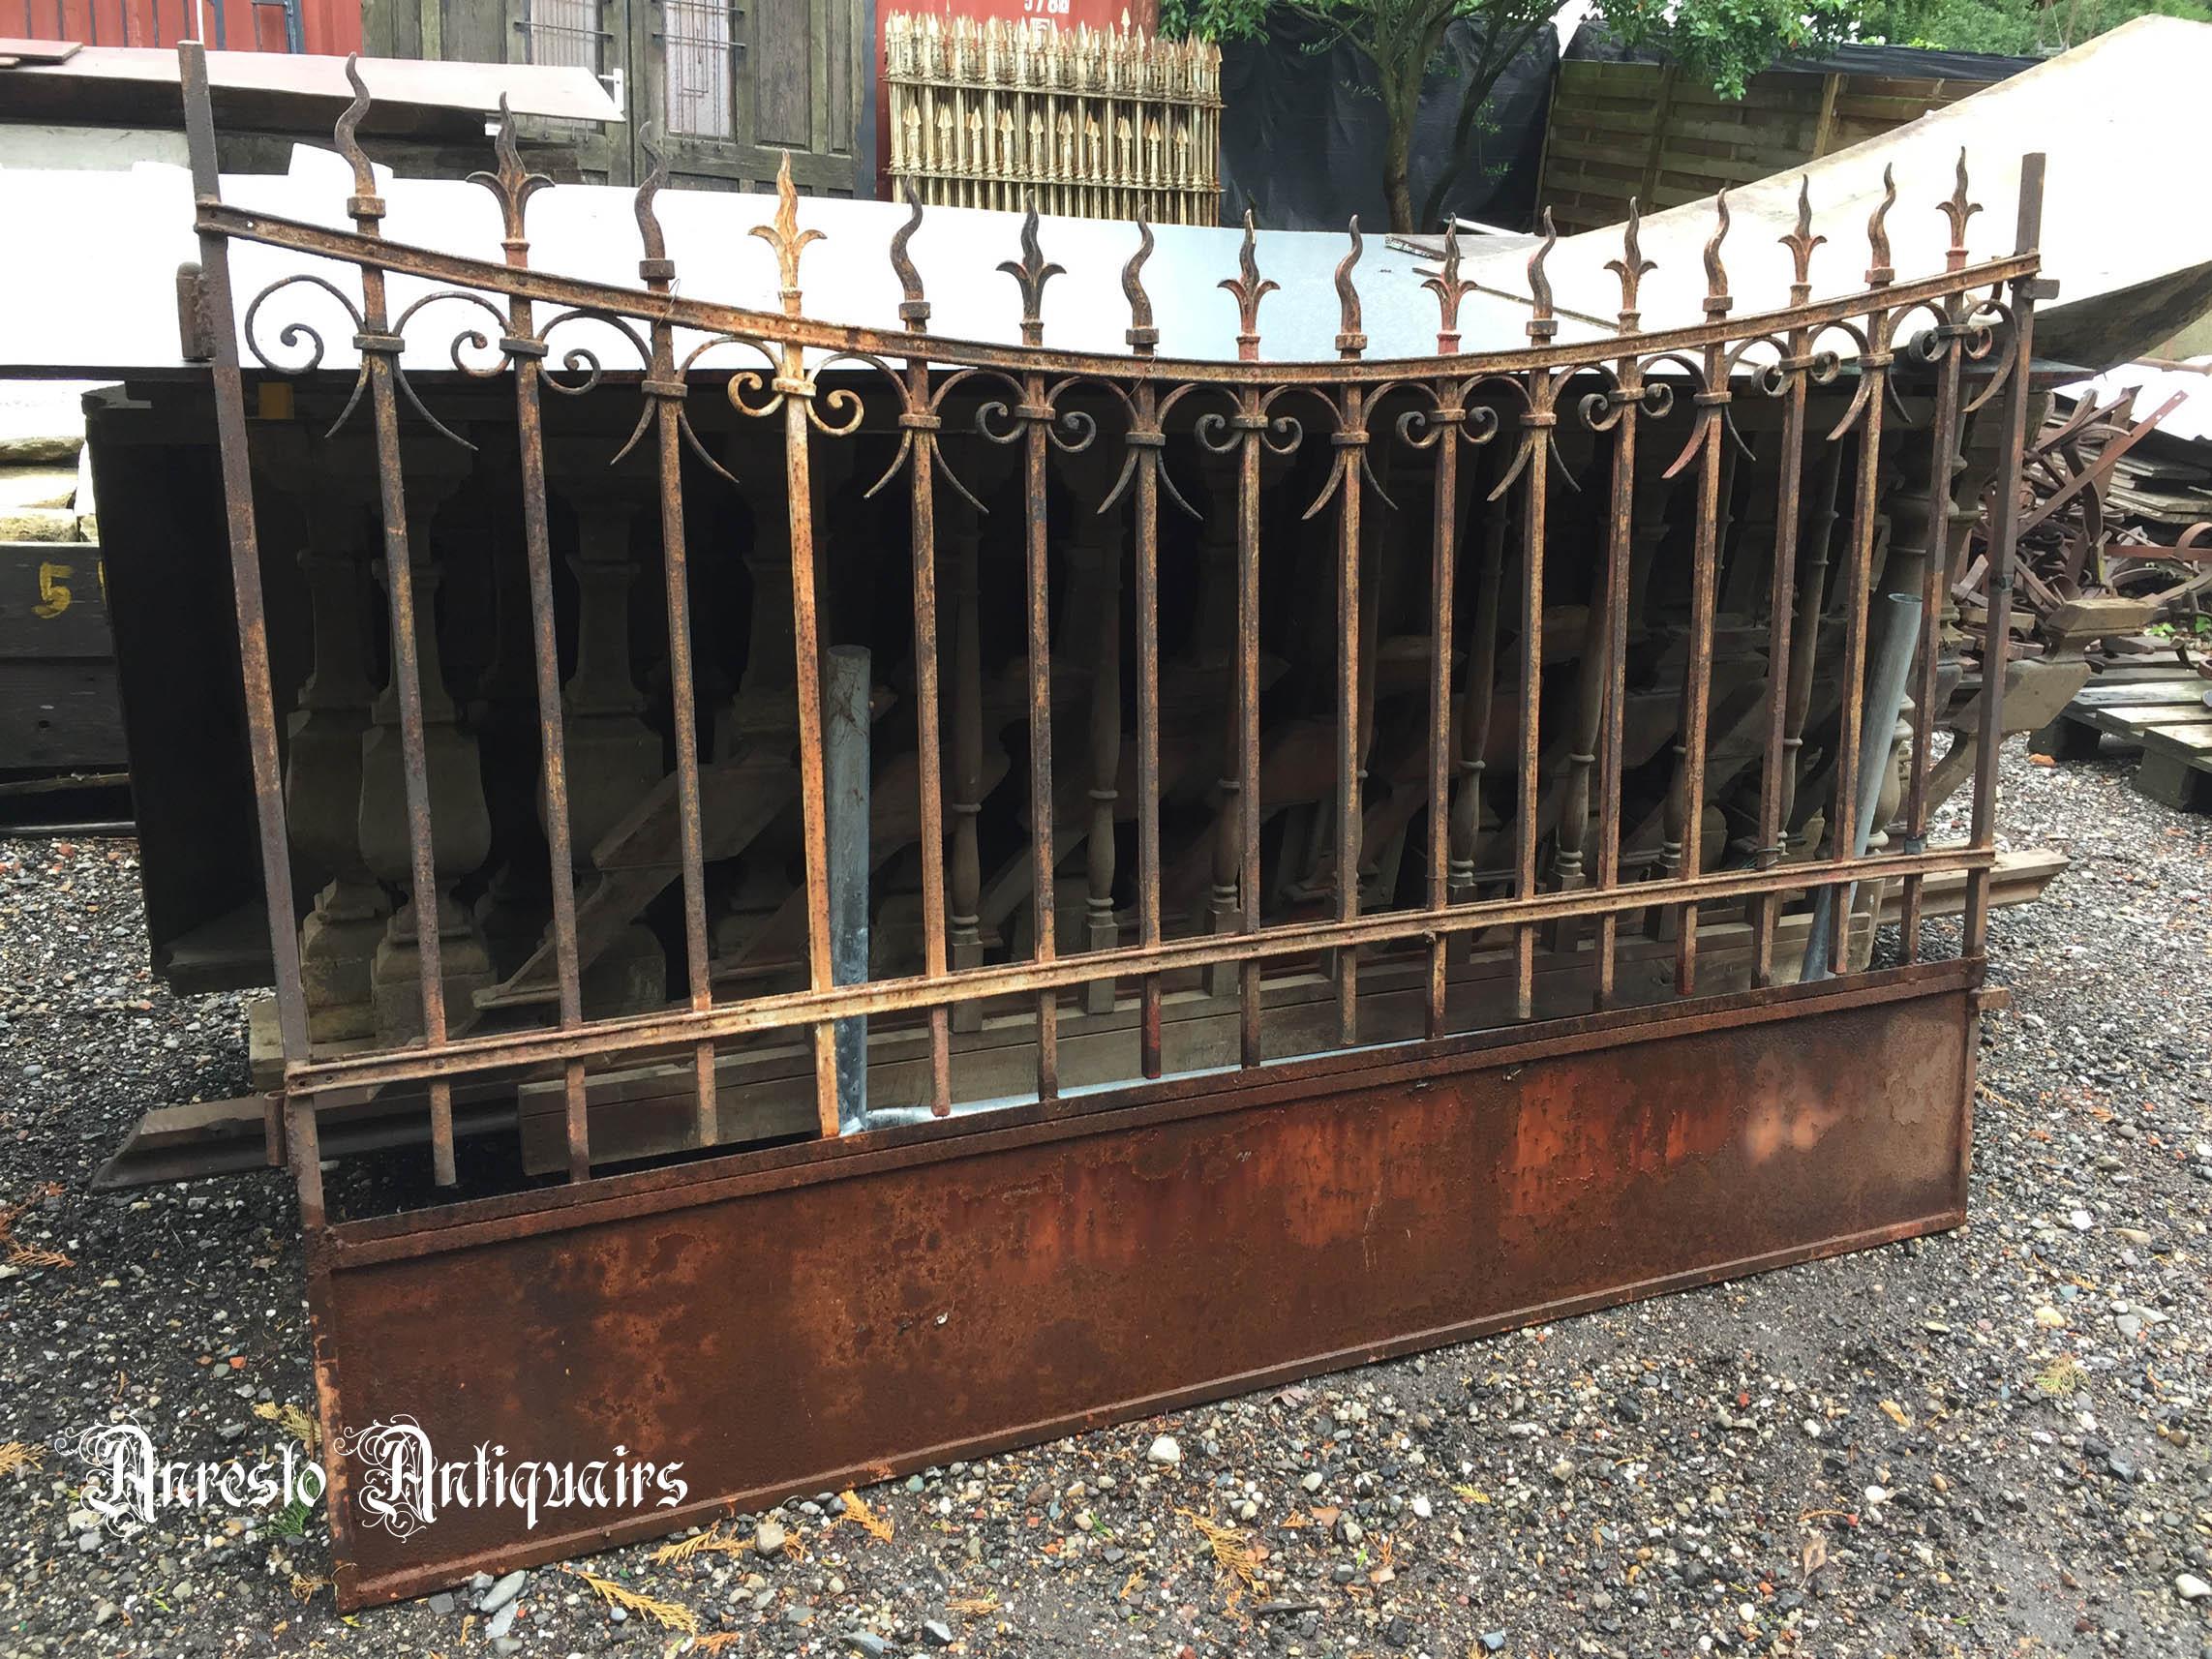 Ref. 28 – Antieke smeedijzeren poort, oude poort in smeedijzer